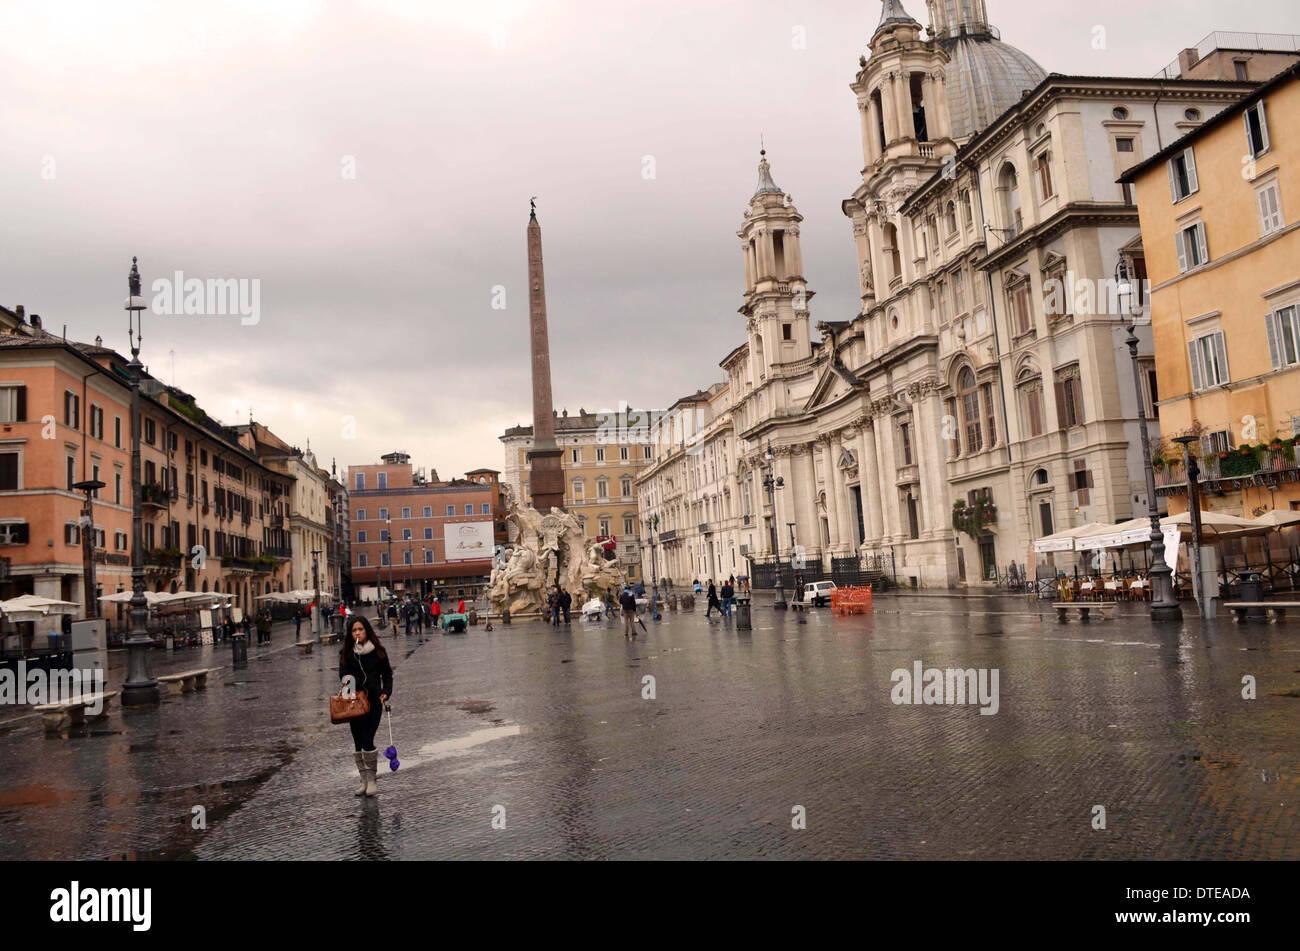 Rom, die Piazza Navona, eines der beliebtesten Platz im Zentrum. Stockbild